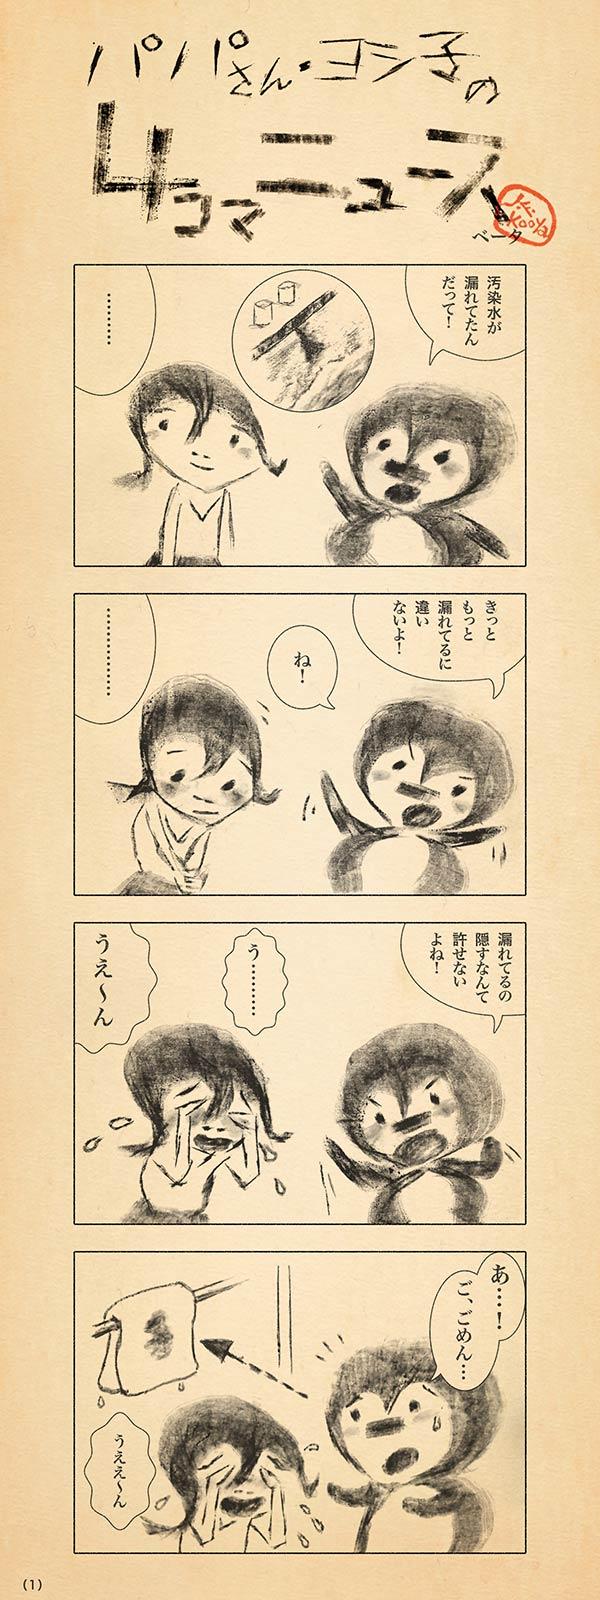 パパさん・ヨシ子の4コマニュース(1) by J.F.Kooya